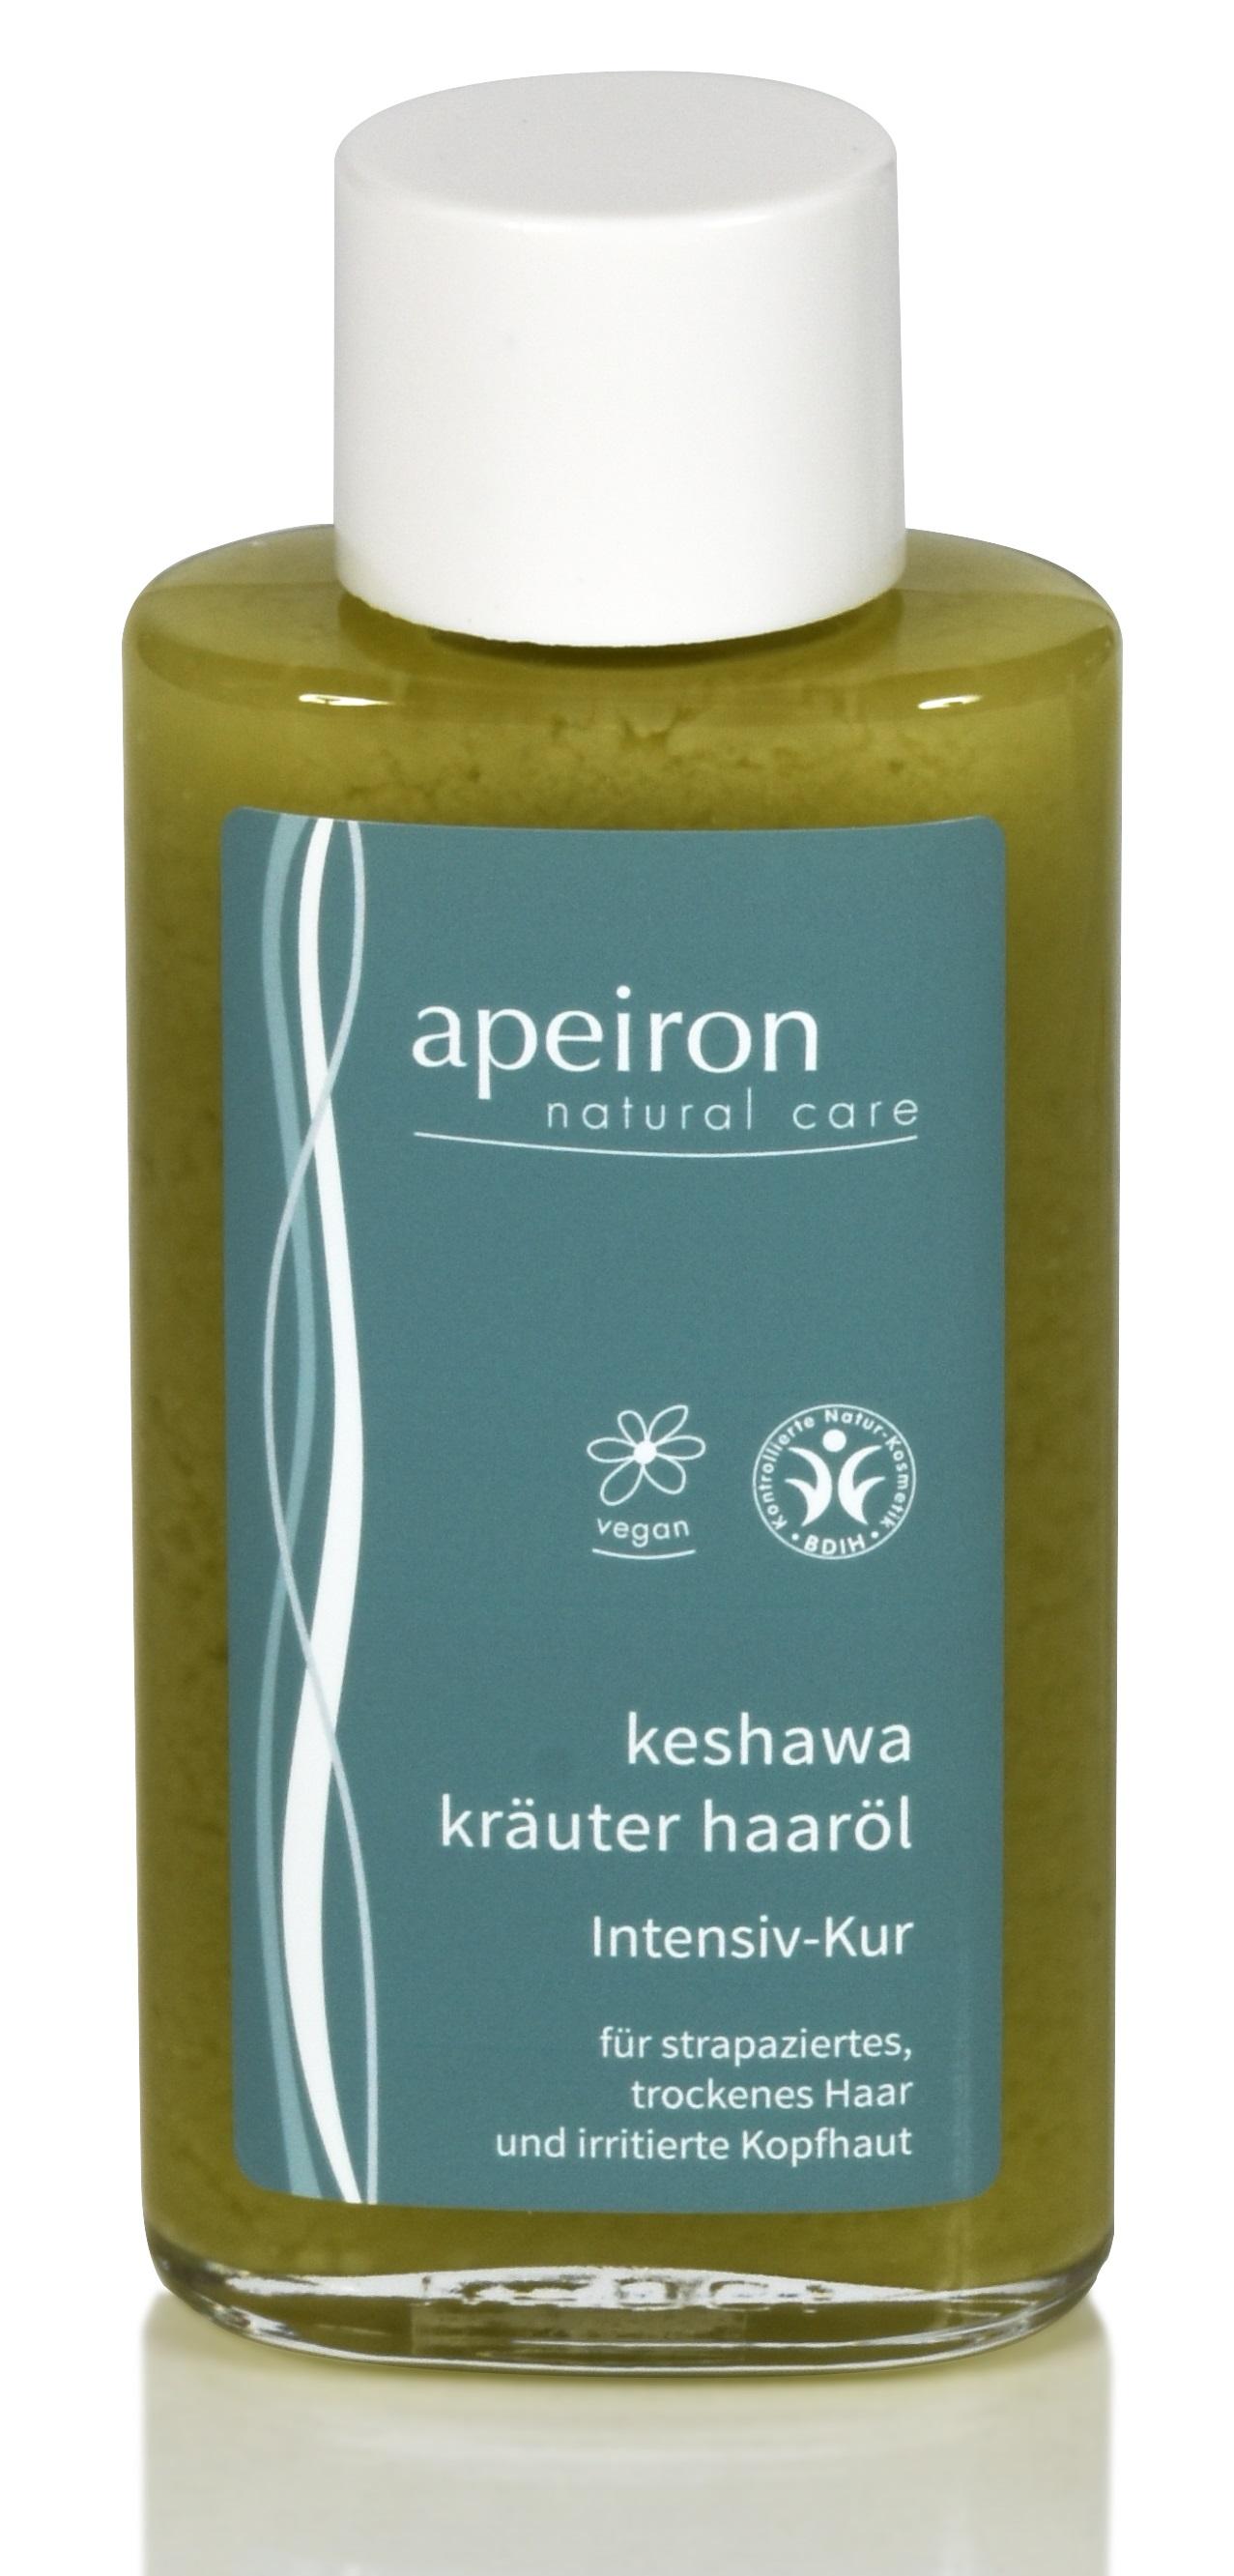 Keshawa Kräuter Haaröl - Intensiv-Kur für Haare & Kopfhaut